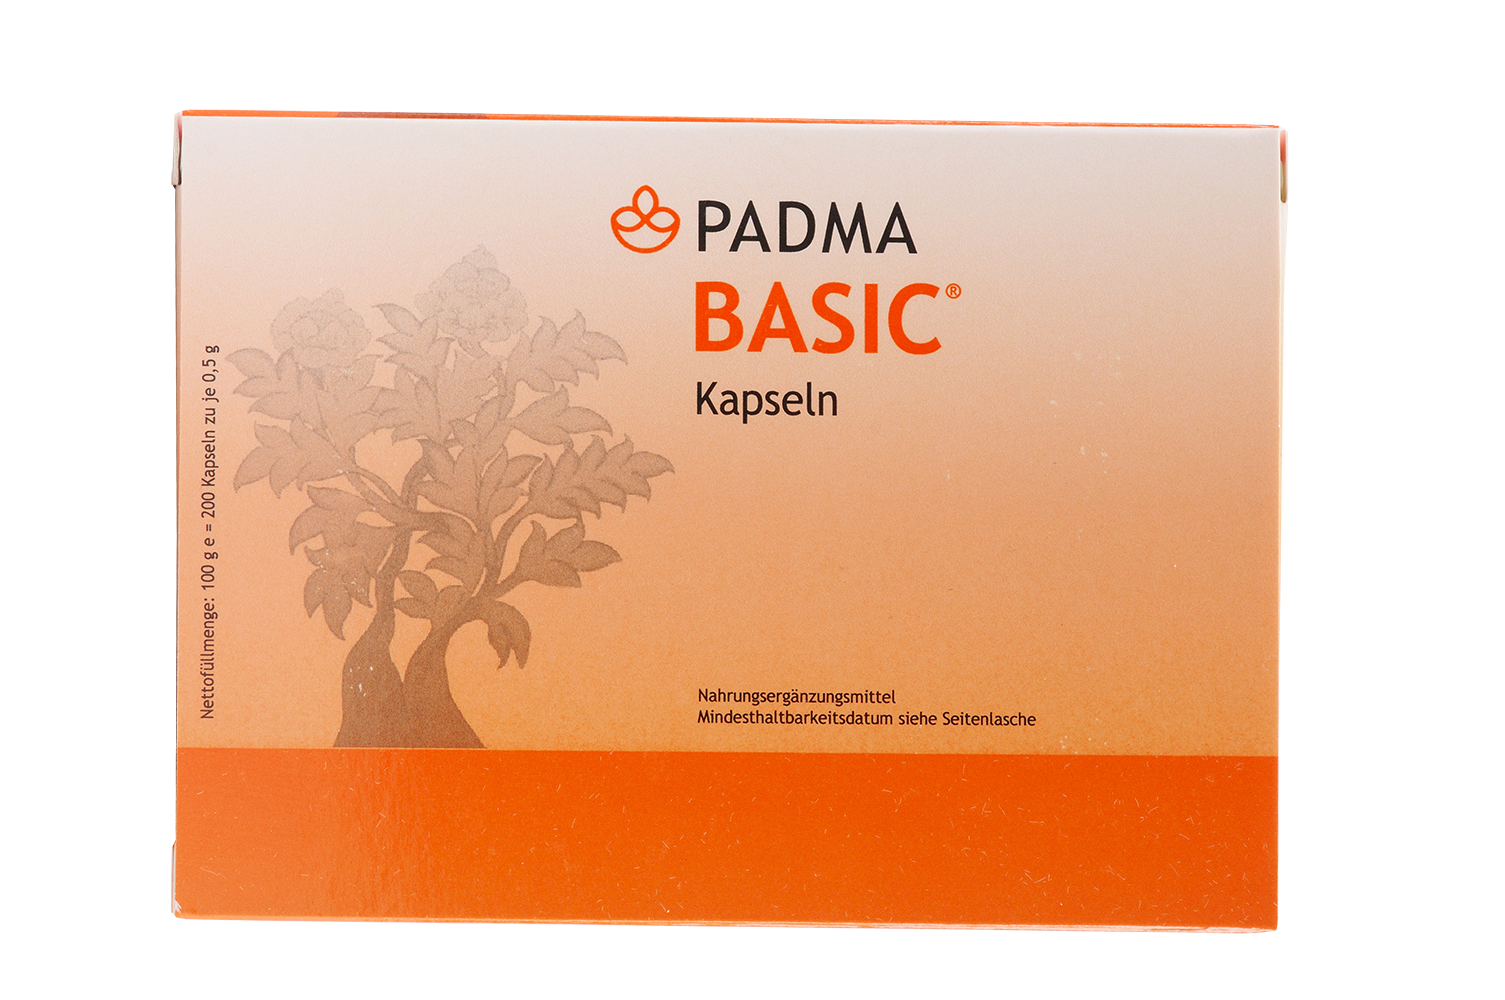 Padma Basic Kapseln 200